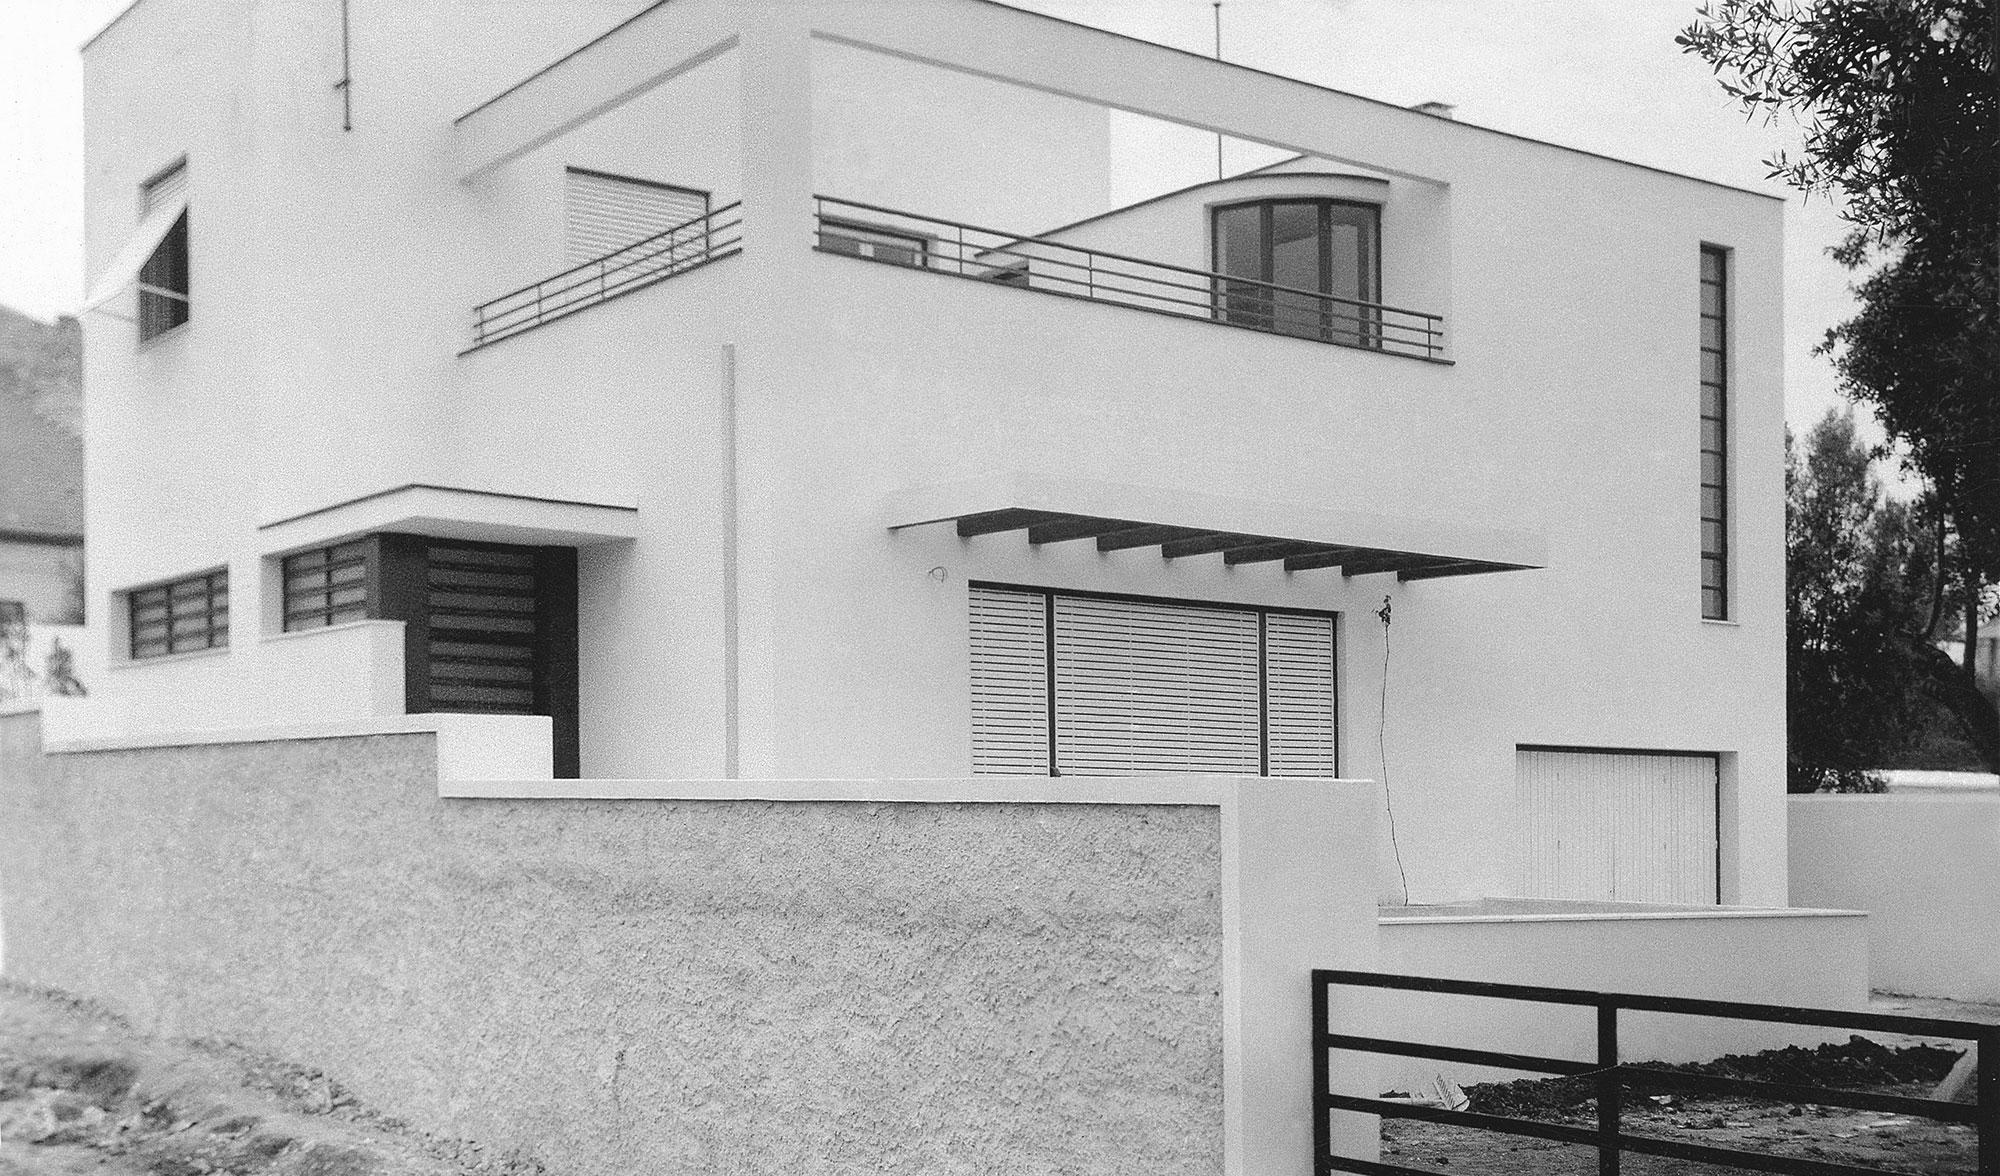 Μοντέρνες απώλειες 02. Κατεδαφισμένα κτίρια του μεσοπολέμου στην Αθήνα